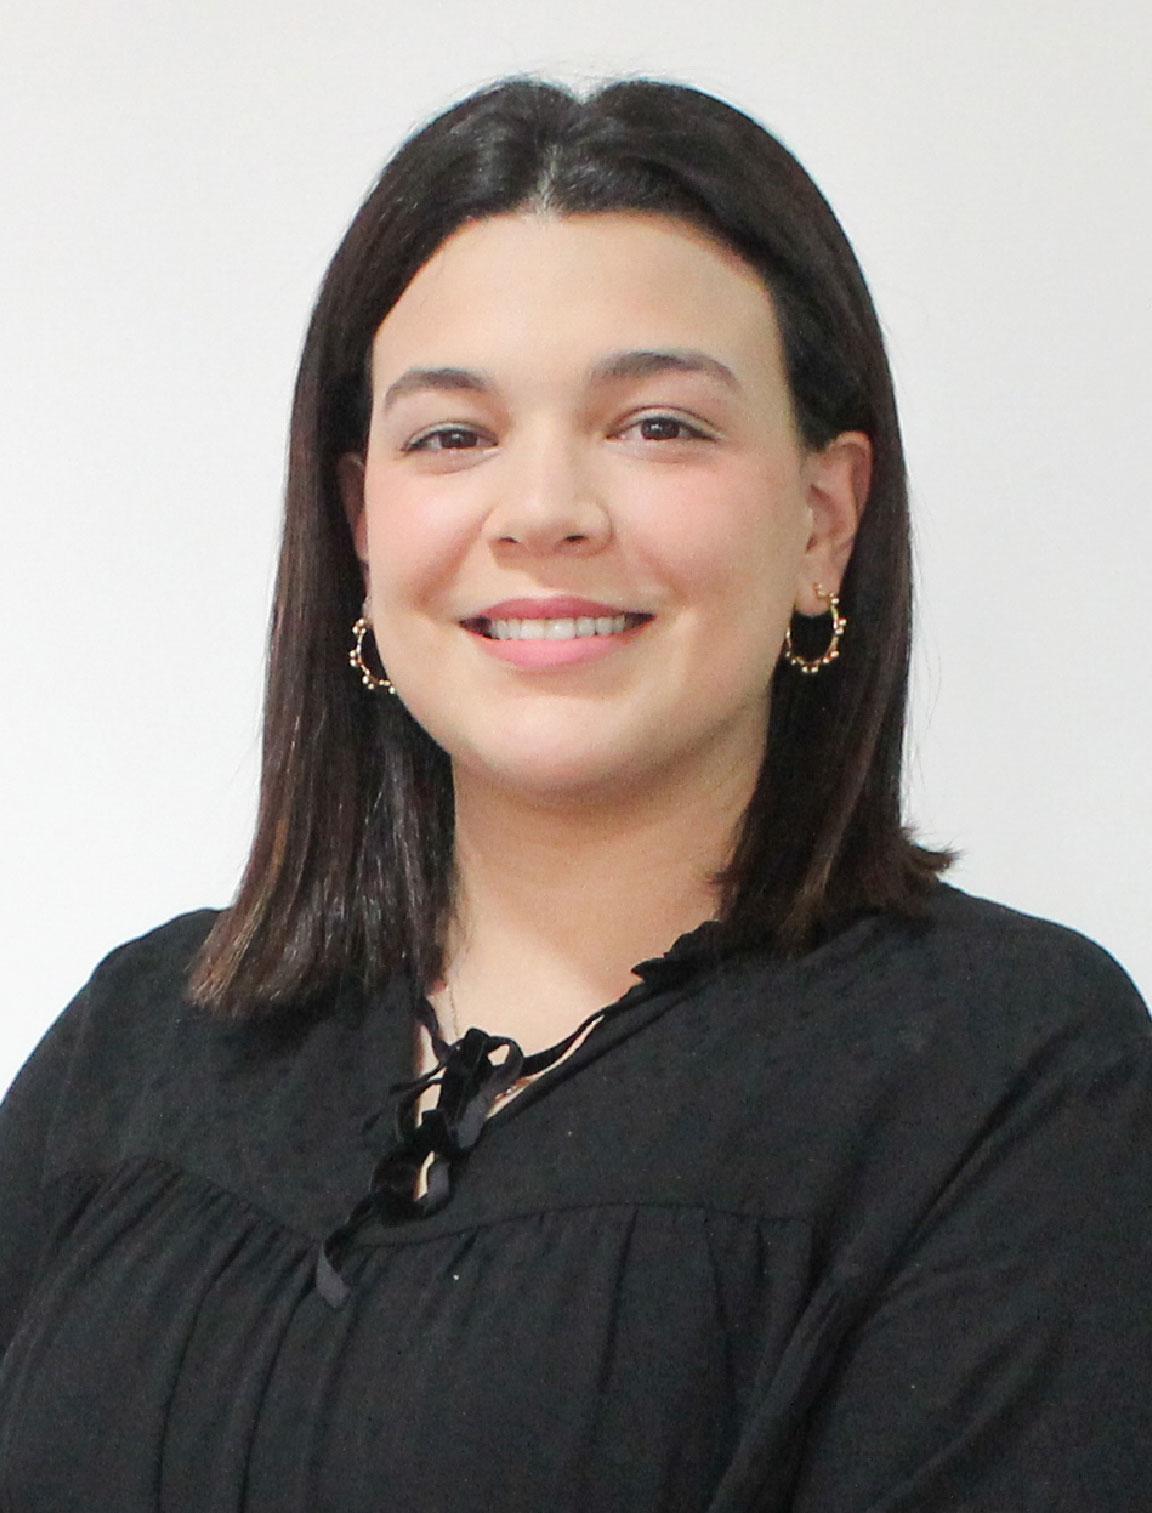 imagen de abogada Fiorella Gagliardo de Crealegis estudio de propiedad intelectual